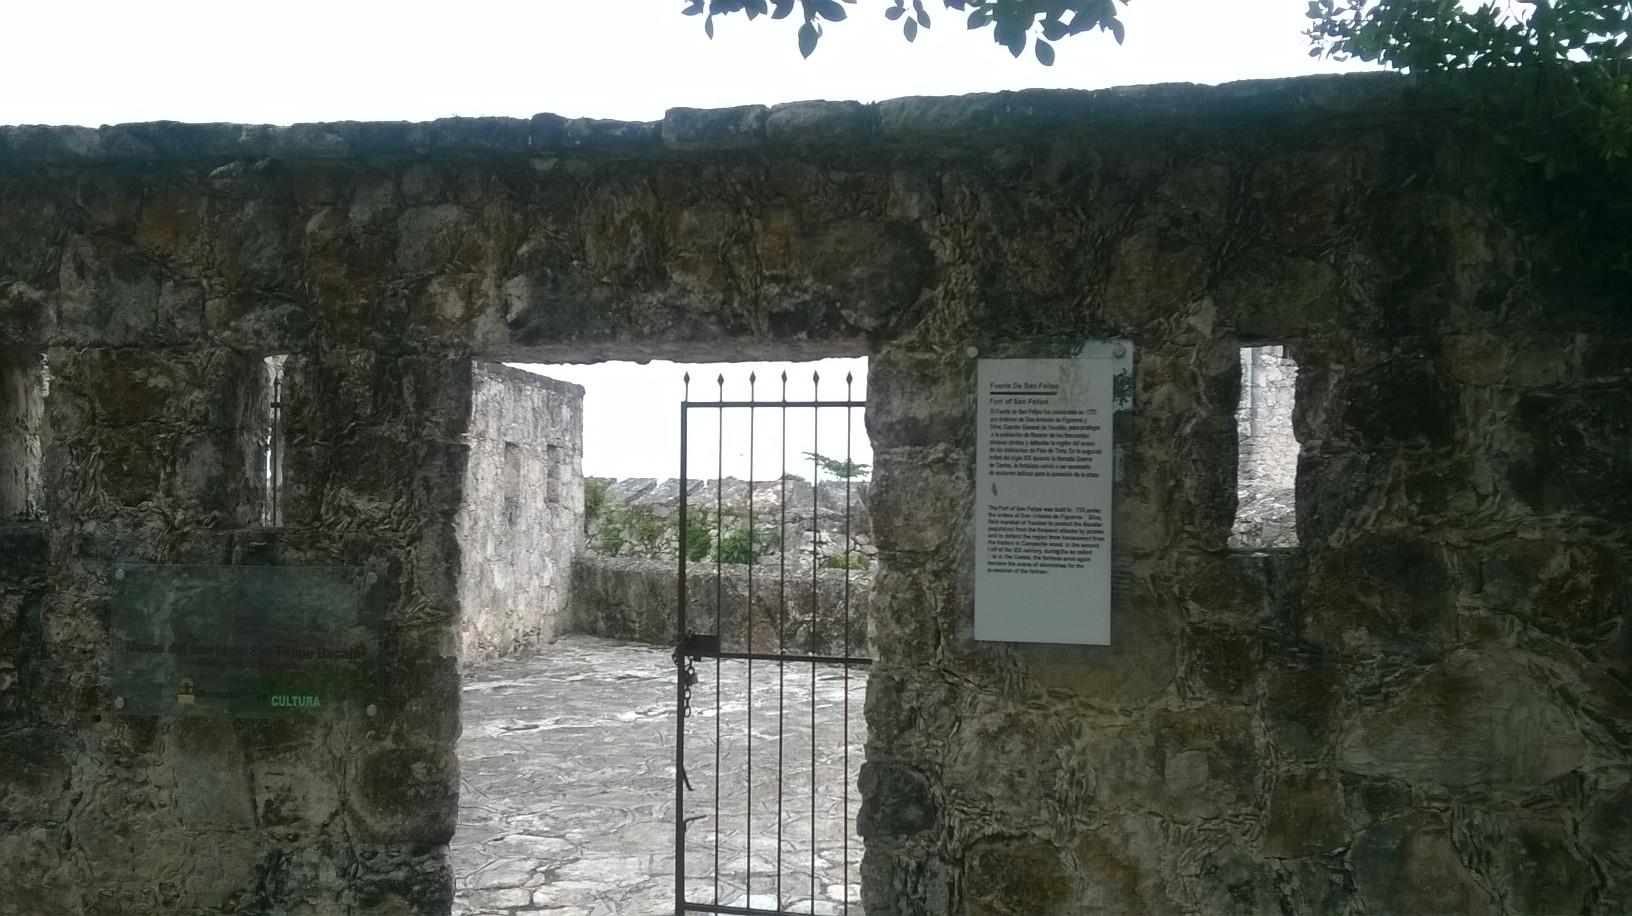 bacalar-fortress-san-felipe-main-entr-jul14